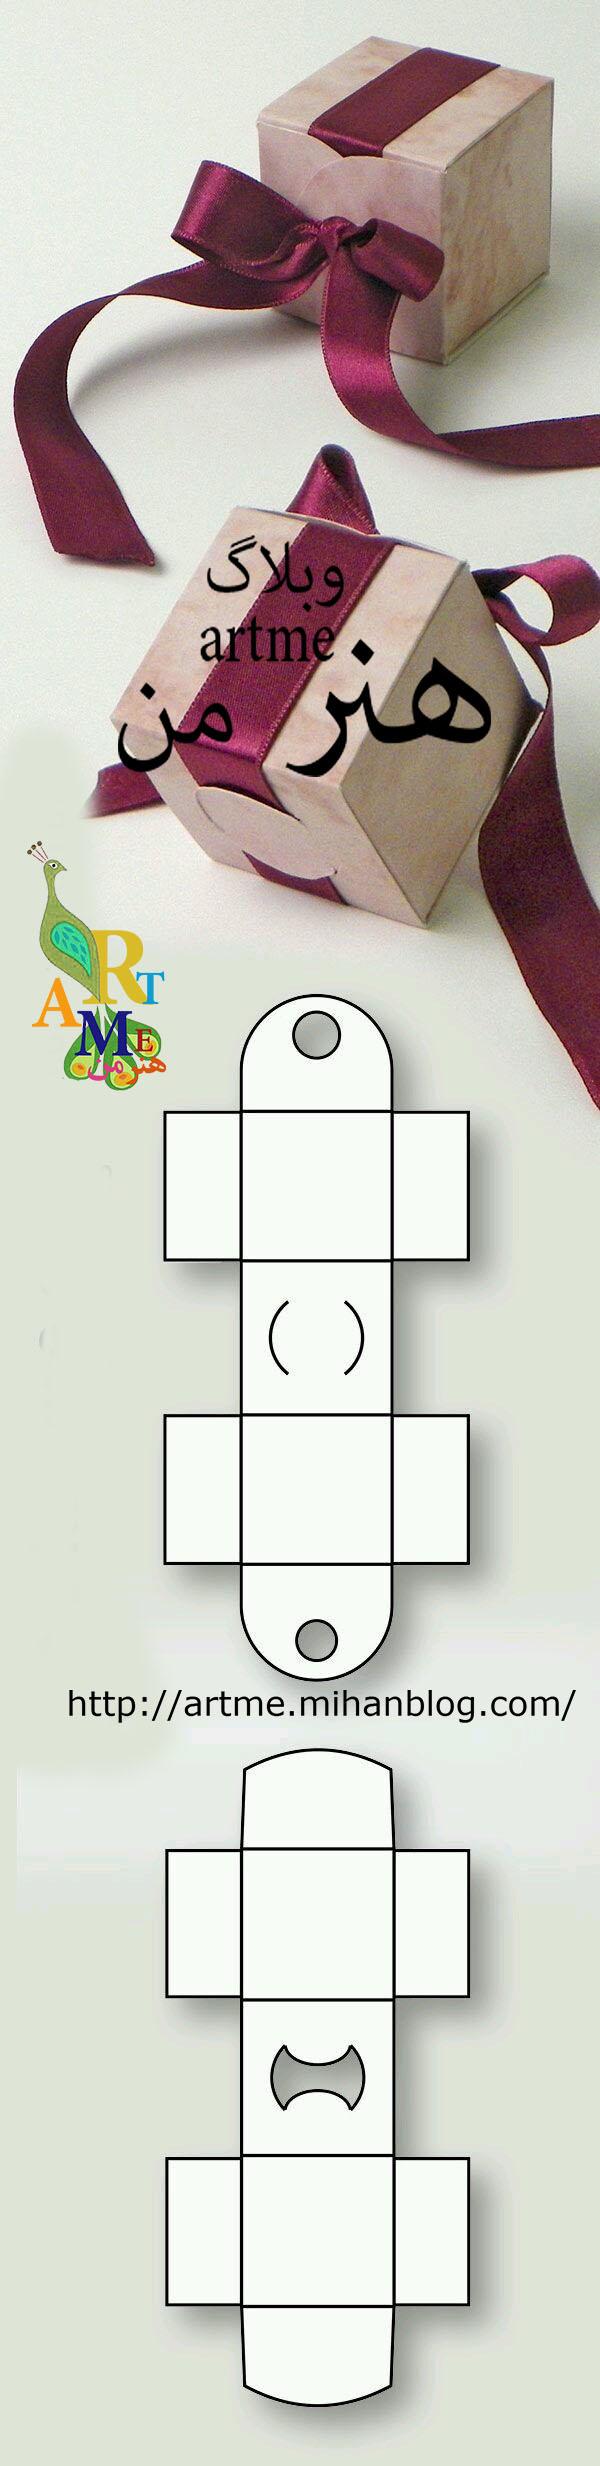 http://s8.picofile.com/file/8314374742/524b511fd2133c7f731defbcd91f267f.jpg